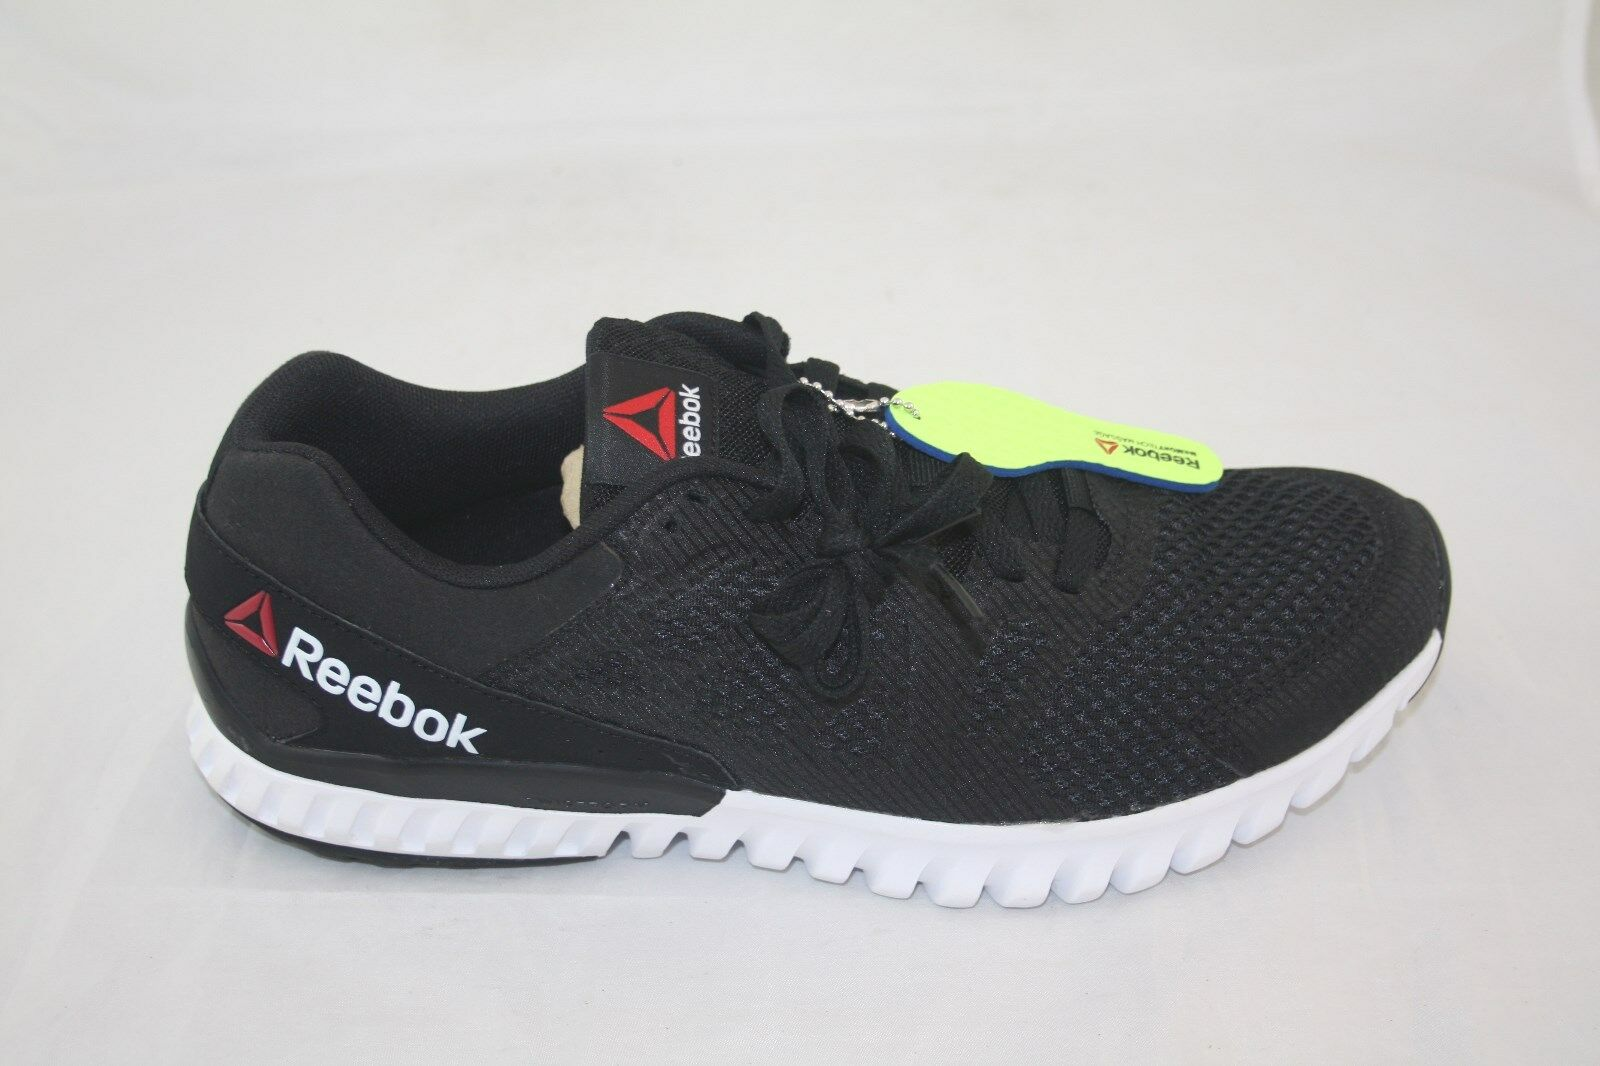 nuova reebok twistform blaze 2.0 uomini ar2960 nero / bianco / carbone scarpe da corsa